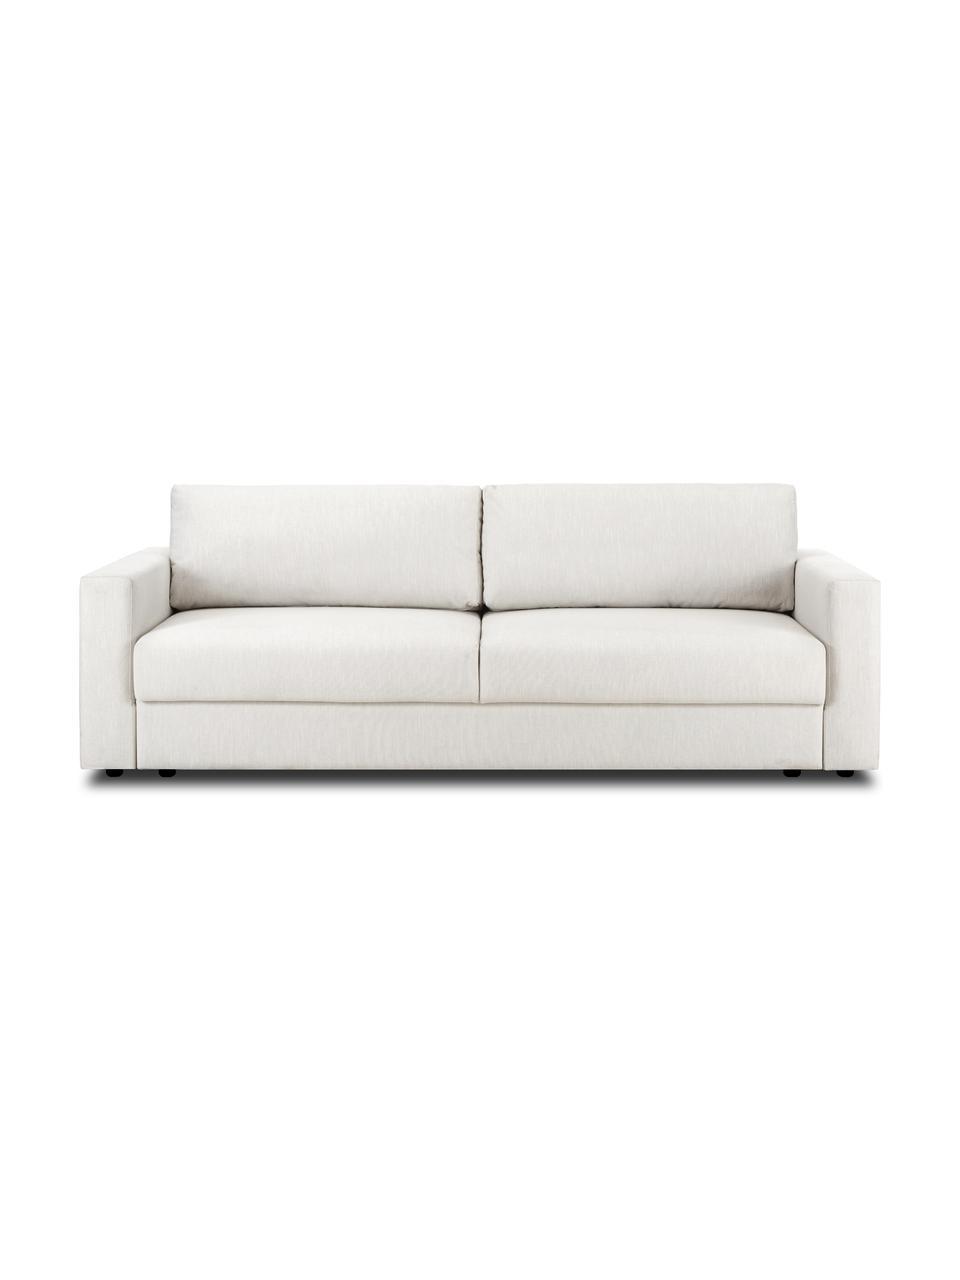 Slaapbank Tasha in beige, Bekleding: 100% polyester, Poten: massief grenenhout, multi, Poten: kunststof, Geweven stof beige, 235 x 100 cm